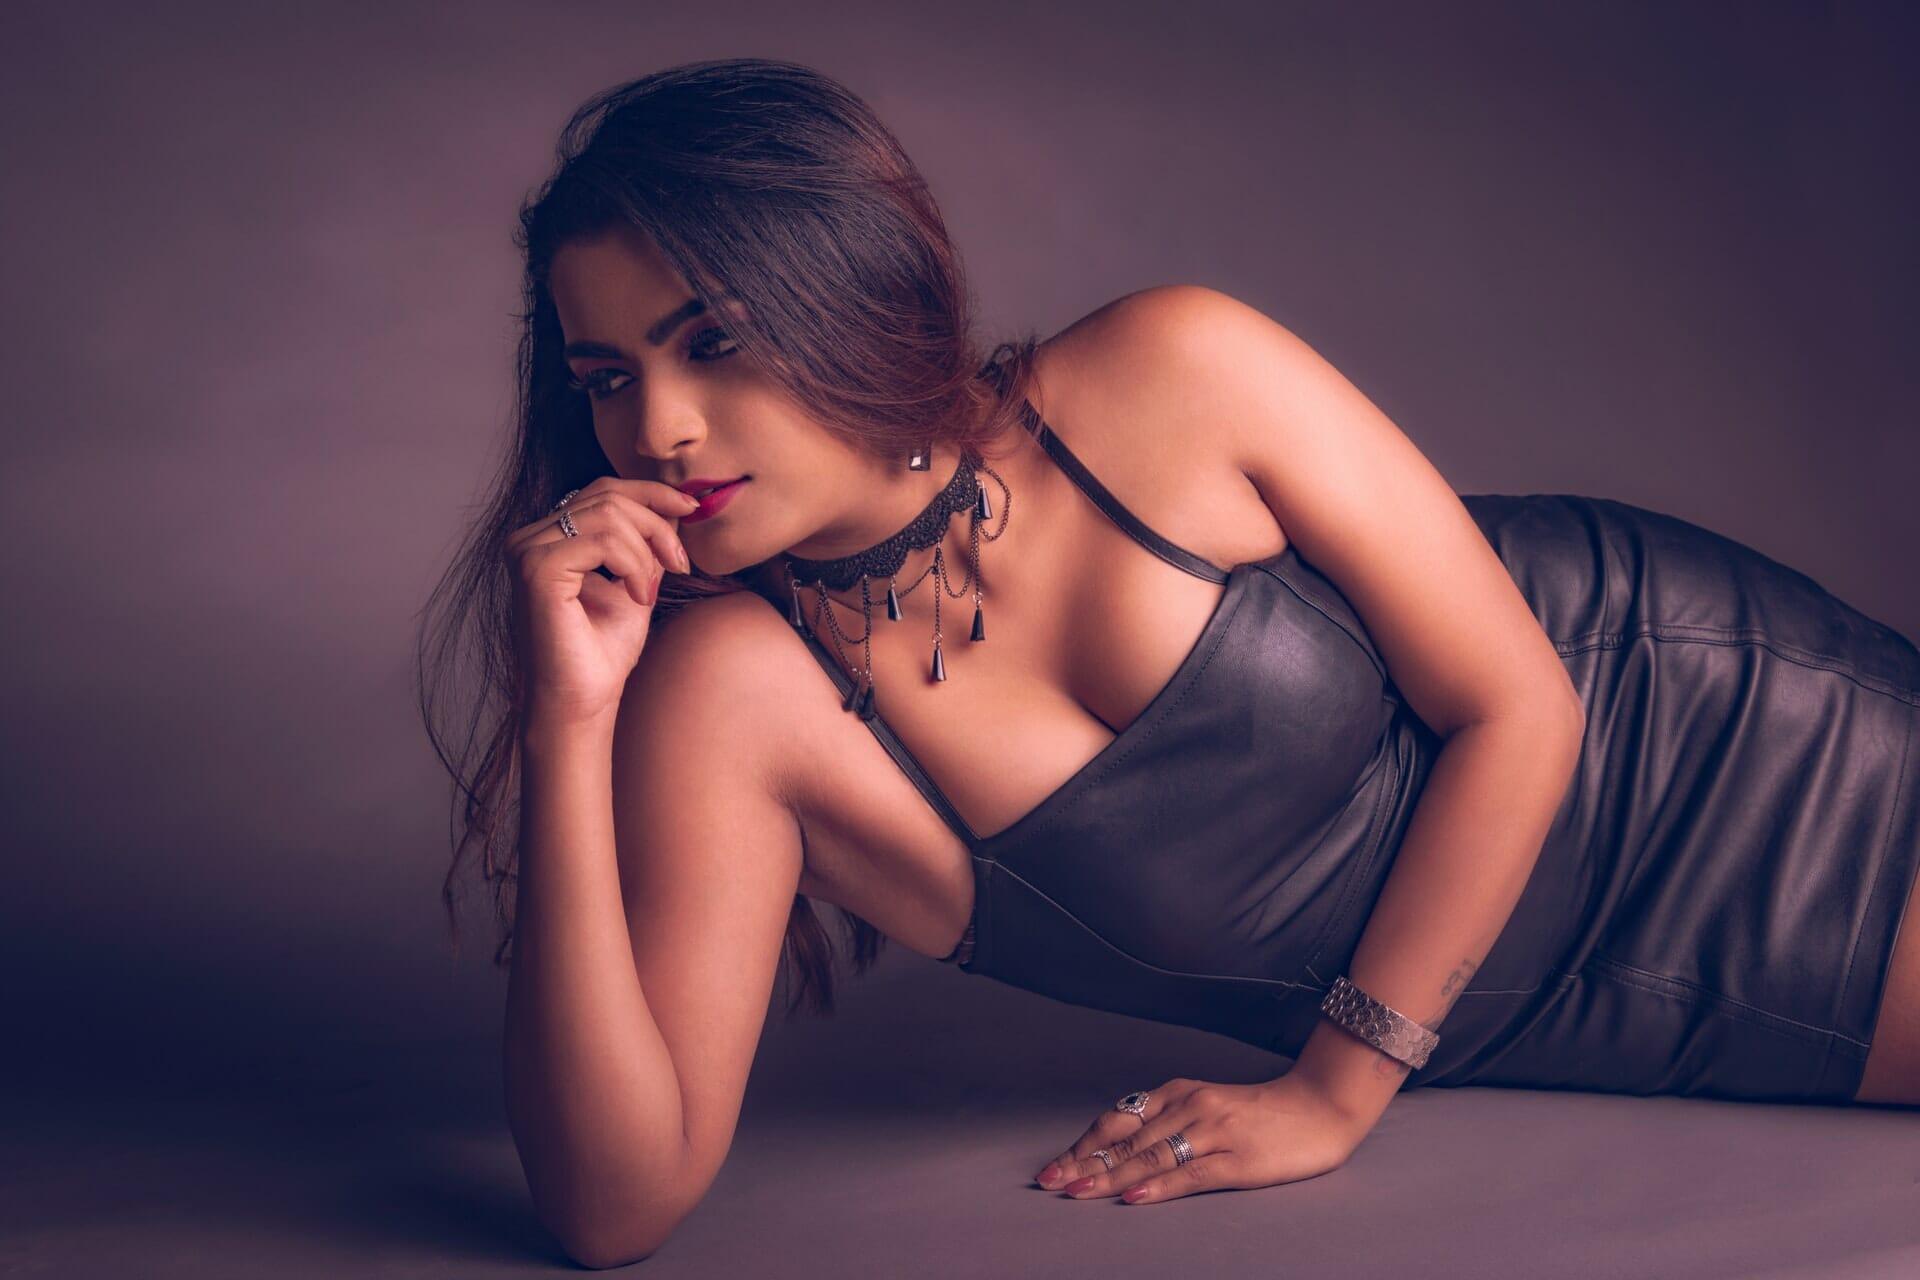 Indian hot girl